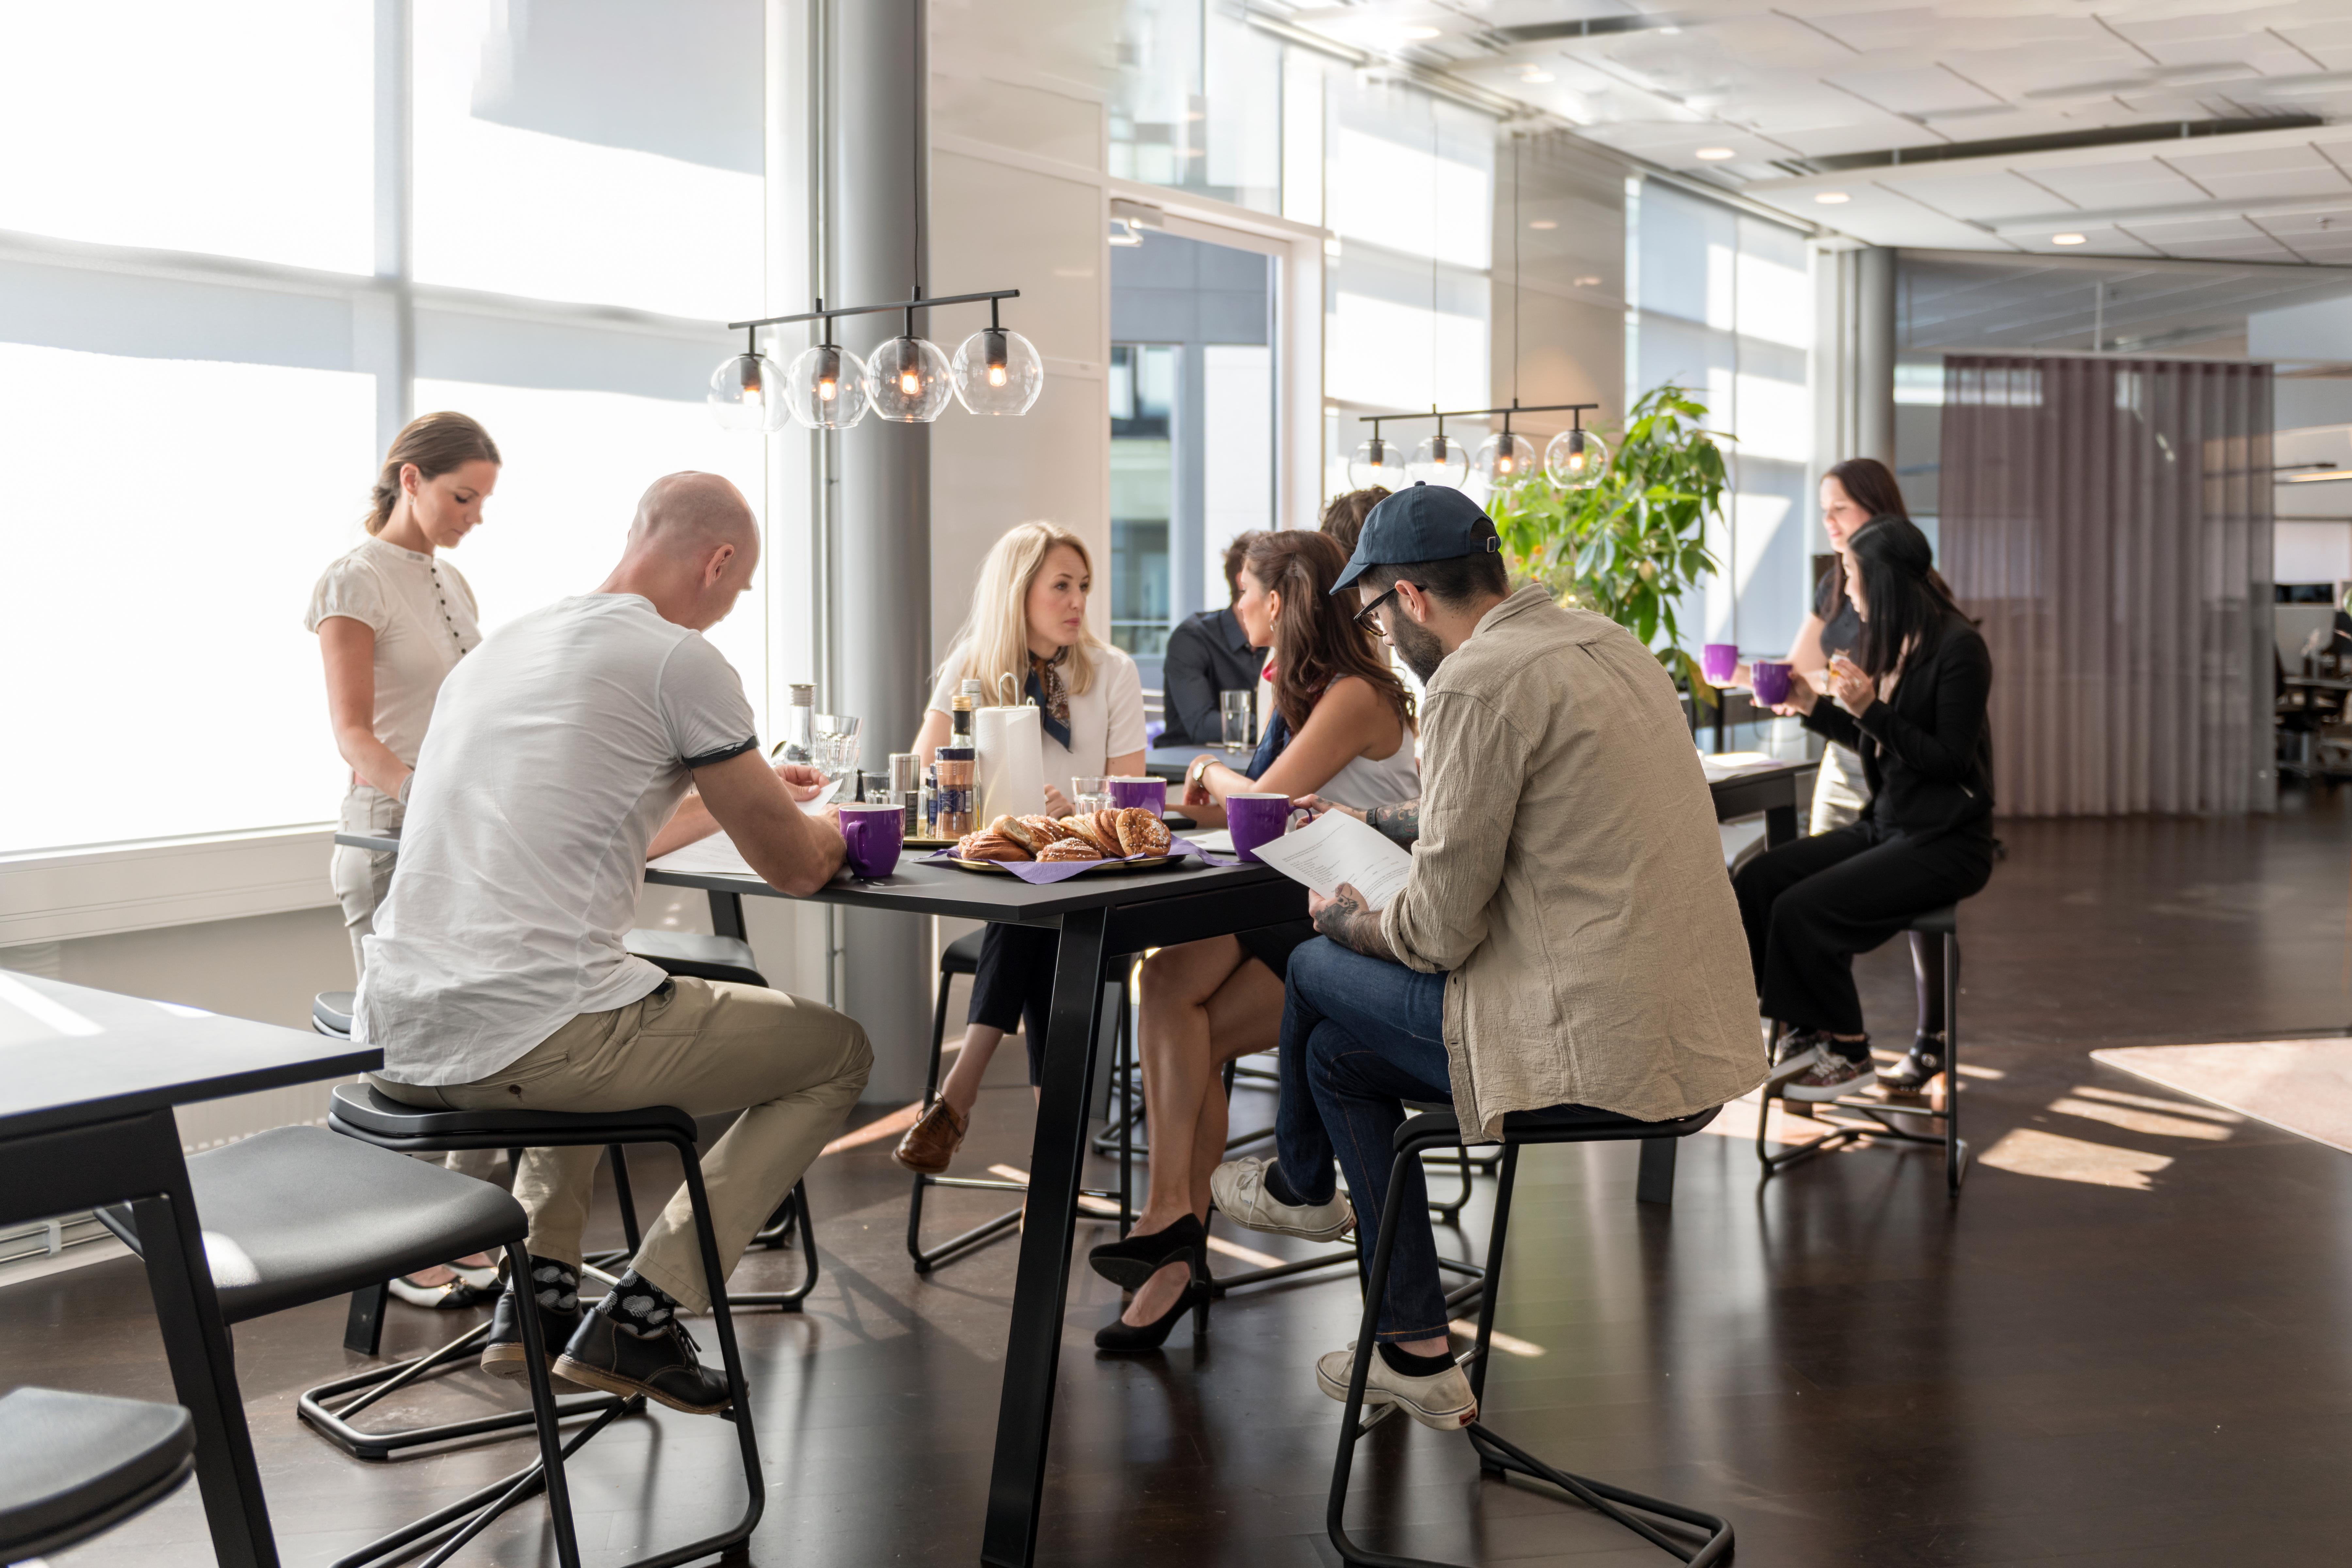 Mennesker sitter i kontorkafeteria